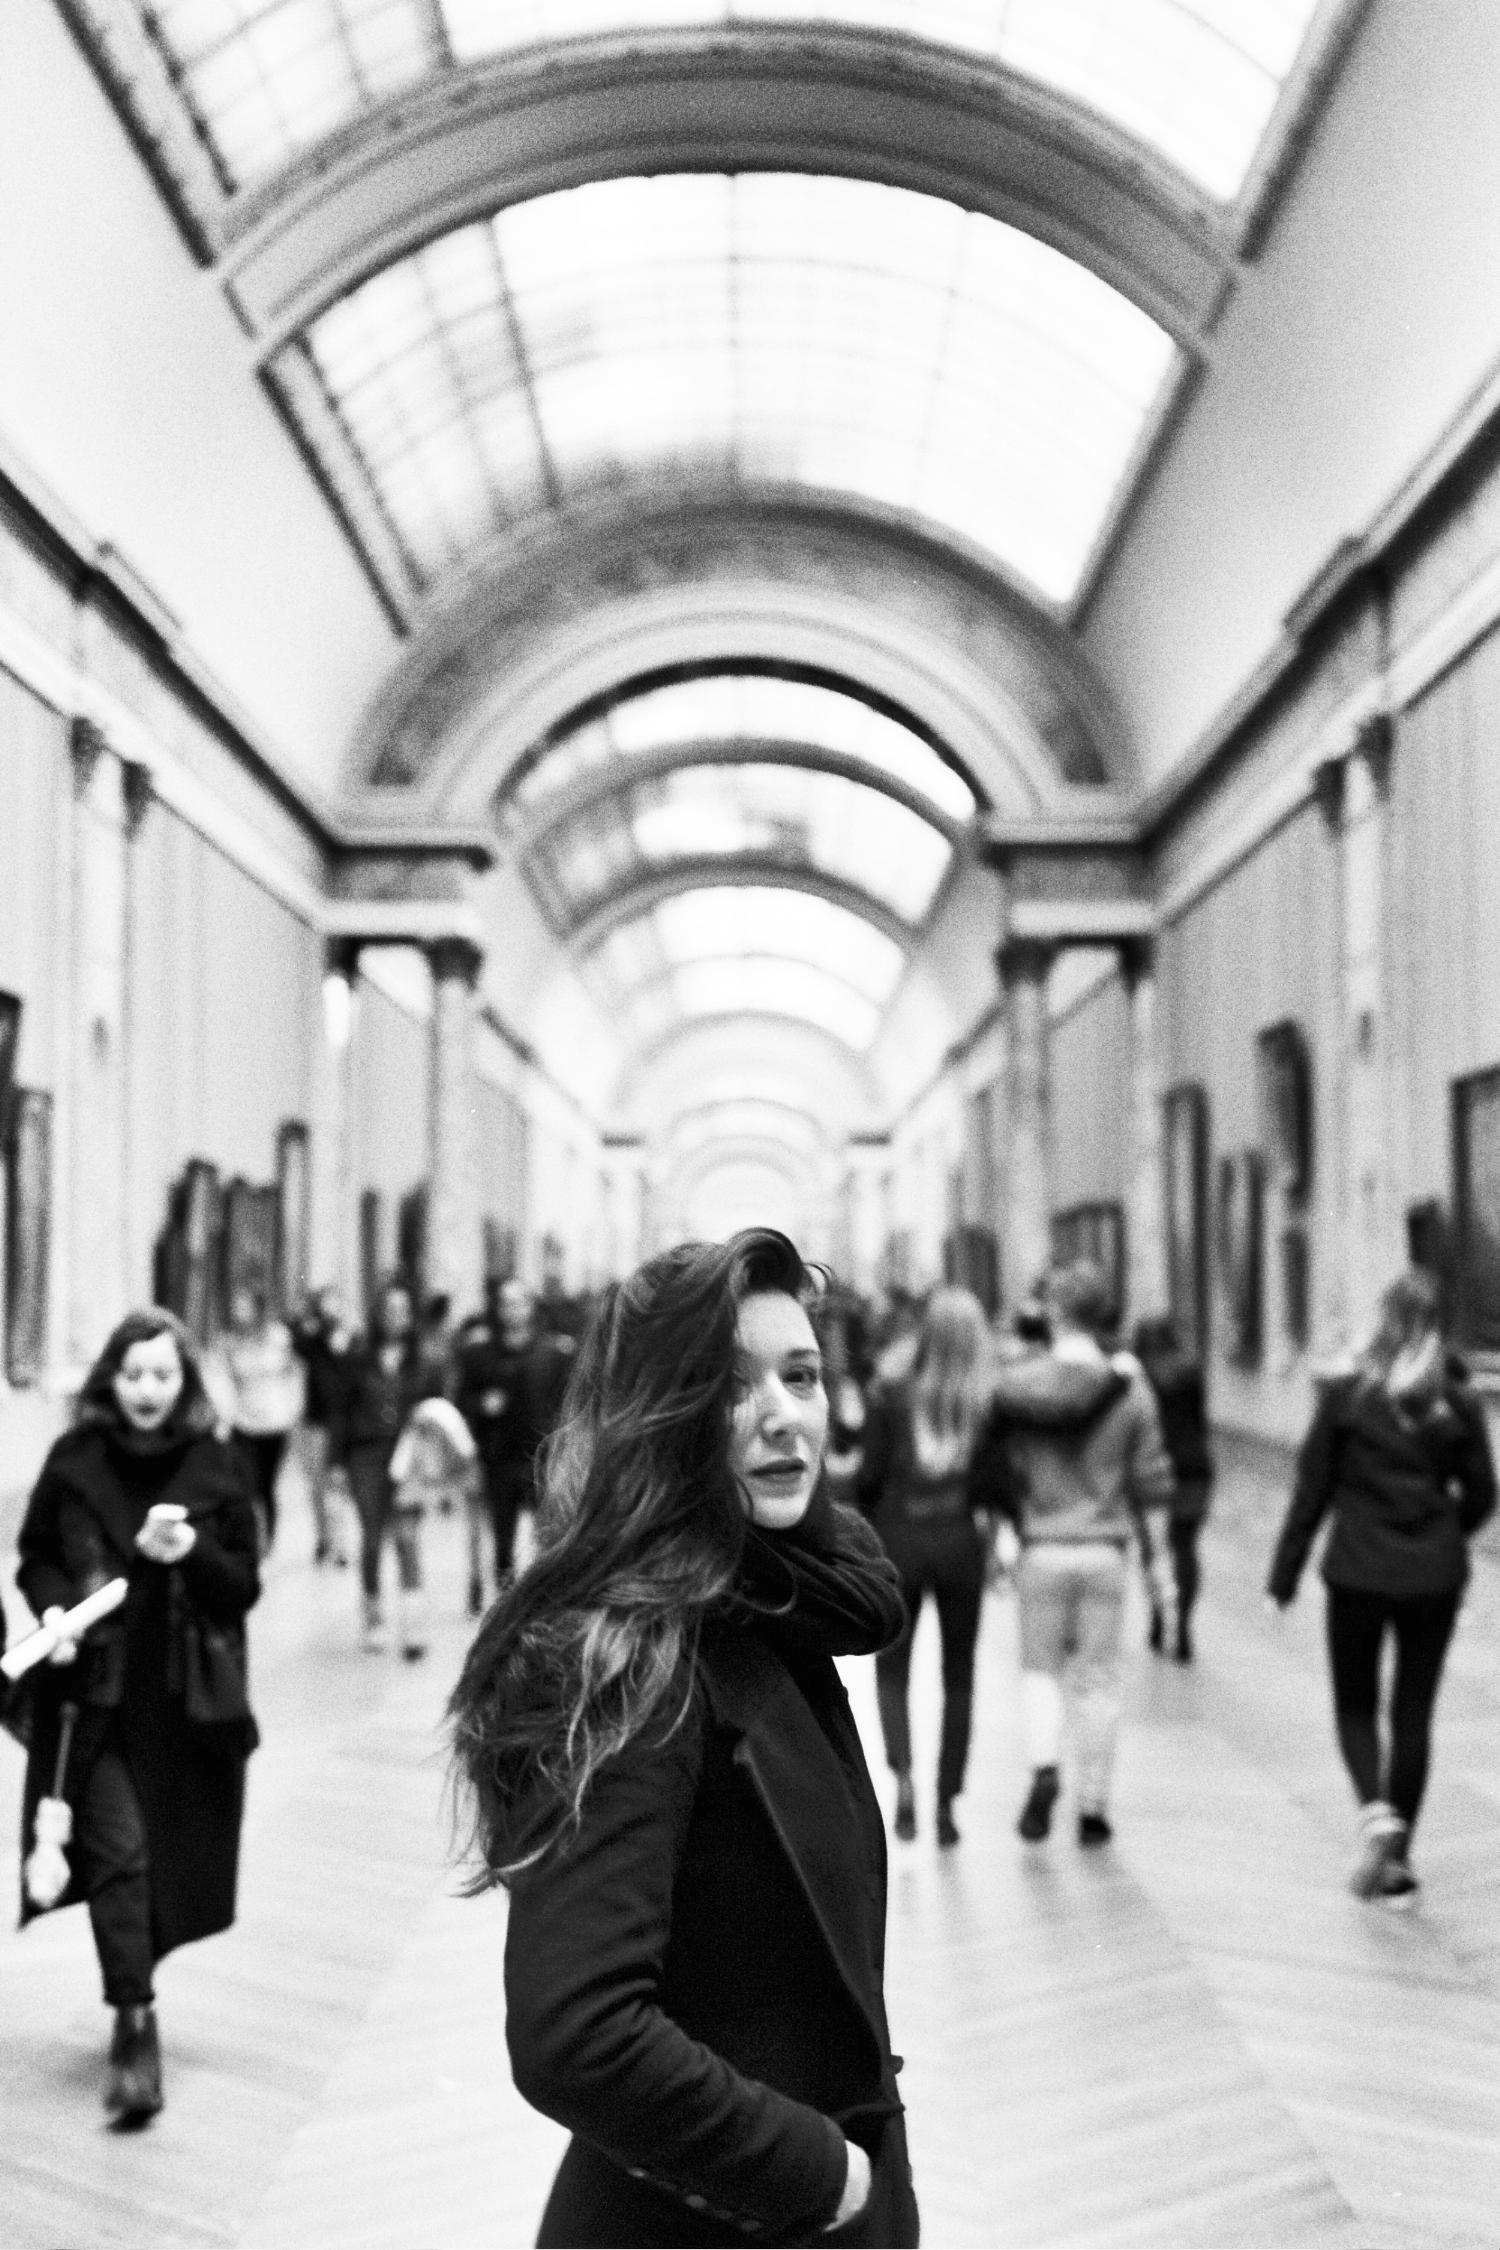 Paris_In_the_Winter029